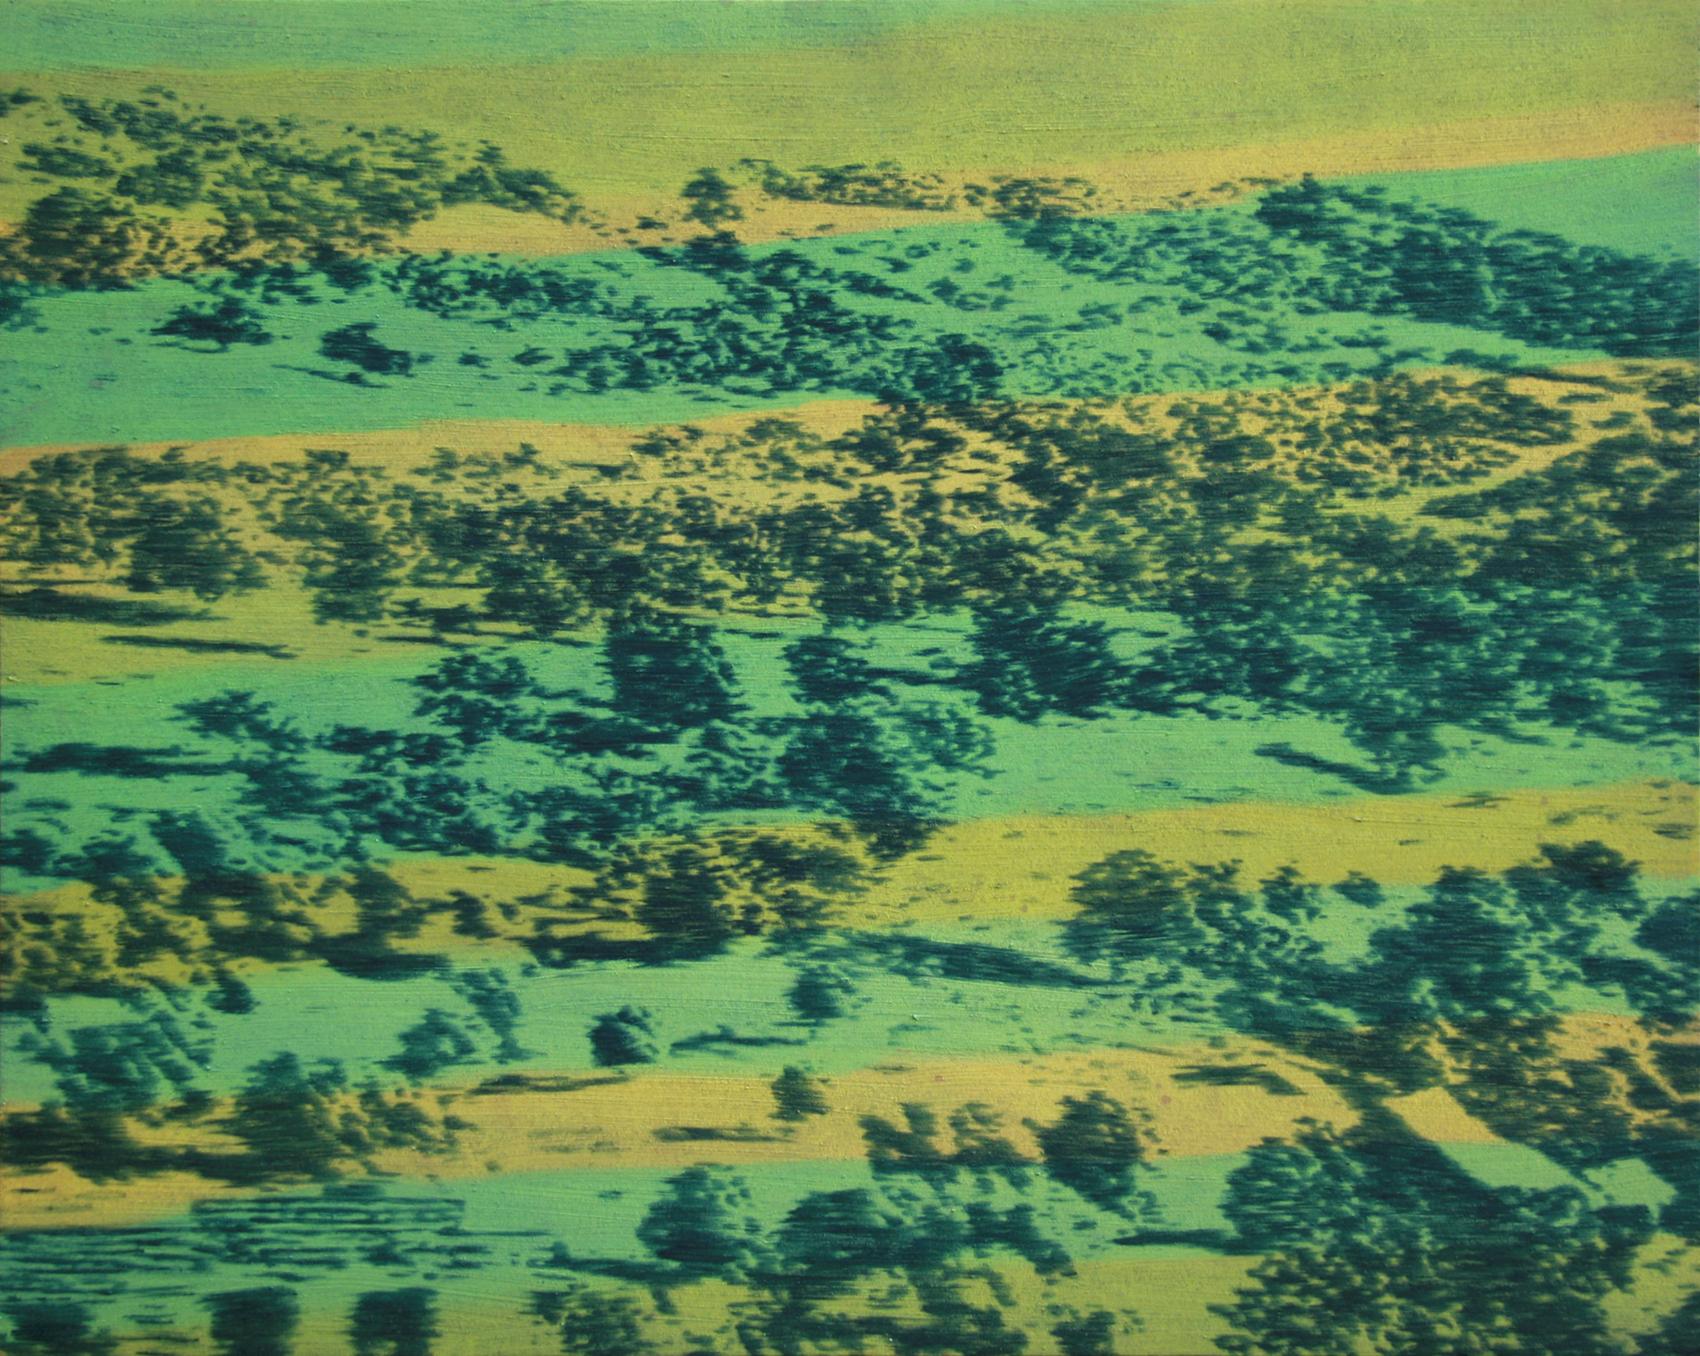 Paysage, 1993, acrylique sur toile, 115 x 160 cm